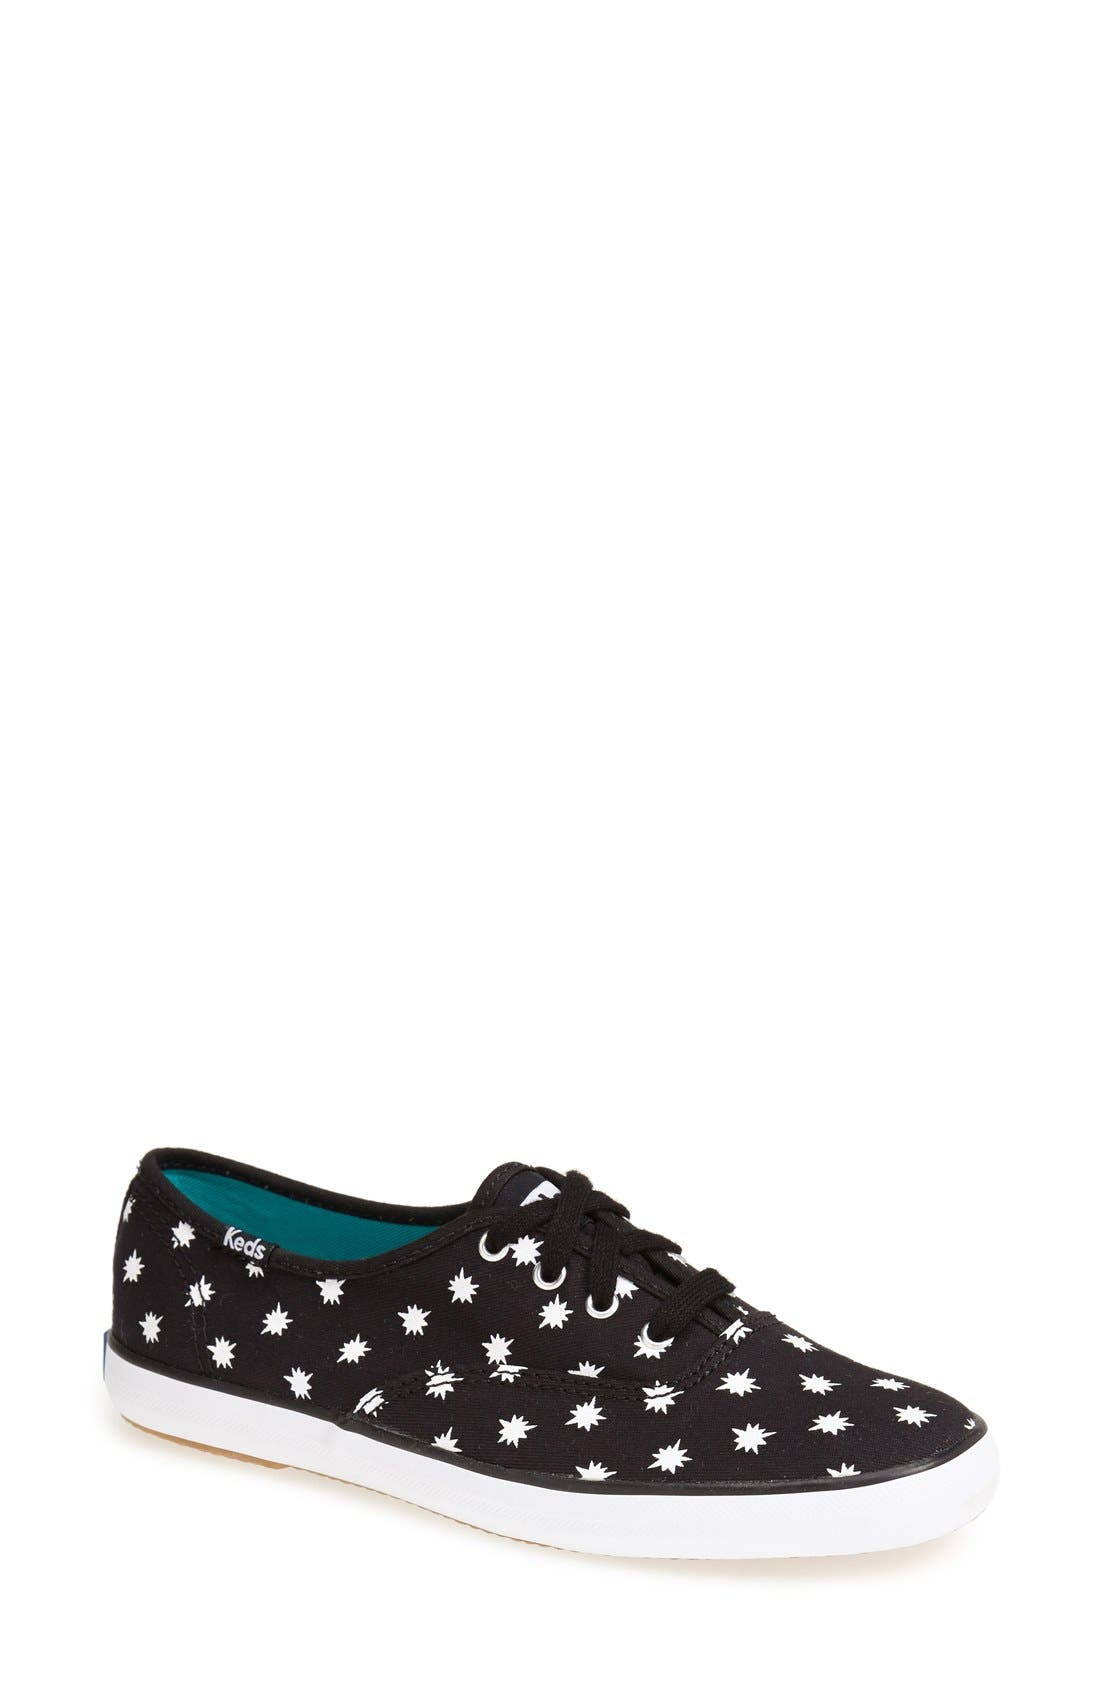 Main Image - Keds® 'Champion - Starburst' Sneaker (Women)